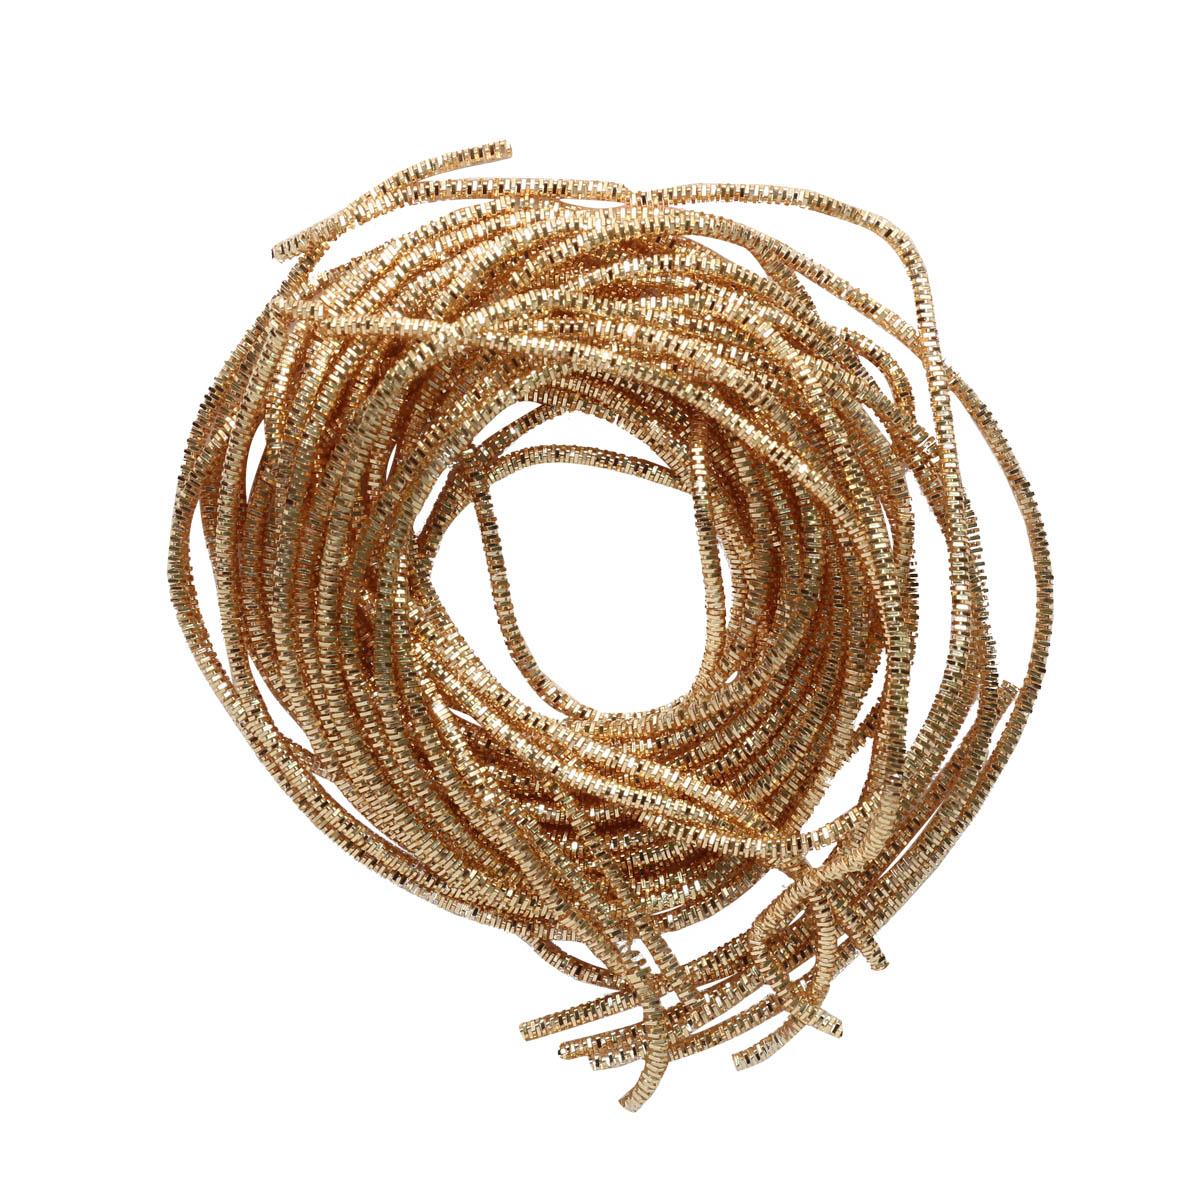 ТК005НН07 Трунцал Светлое-золото 0,7 мм 5 грамм +/- 0,1 гр.